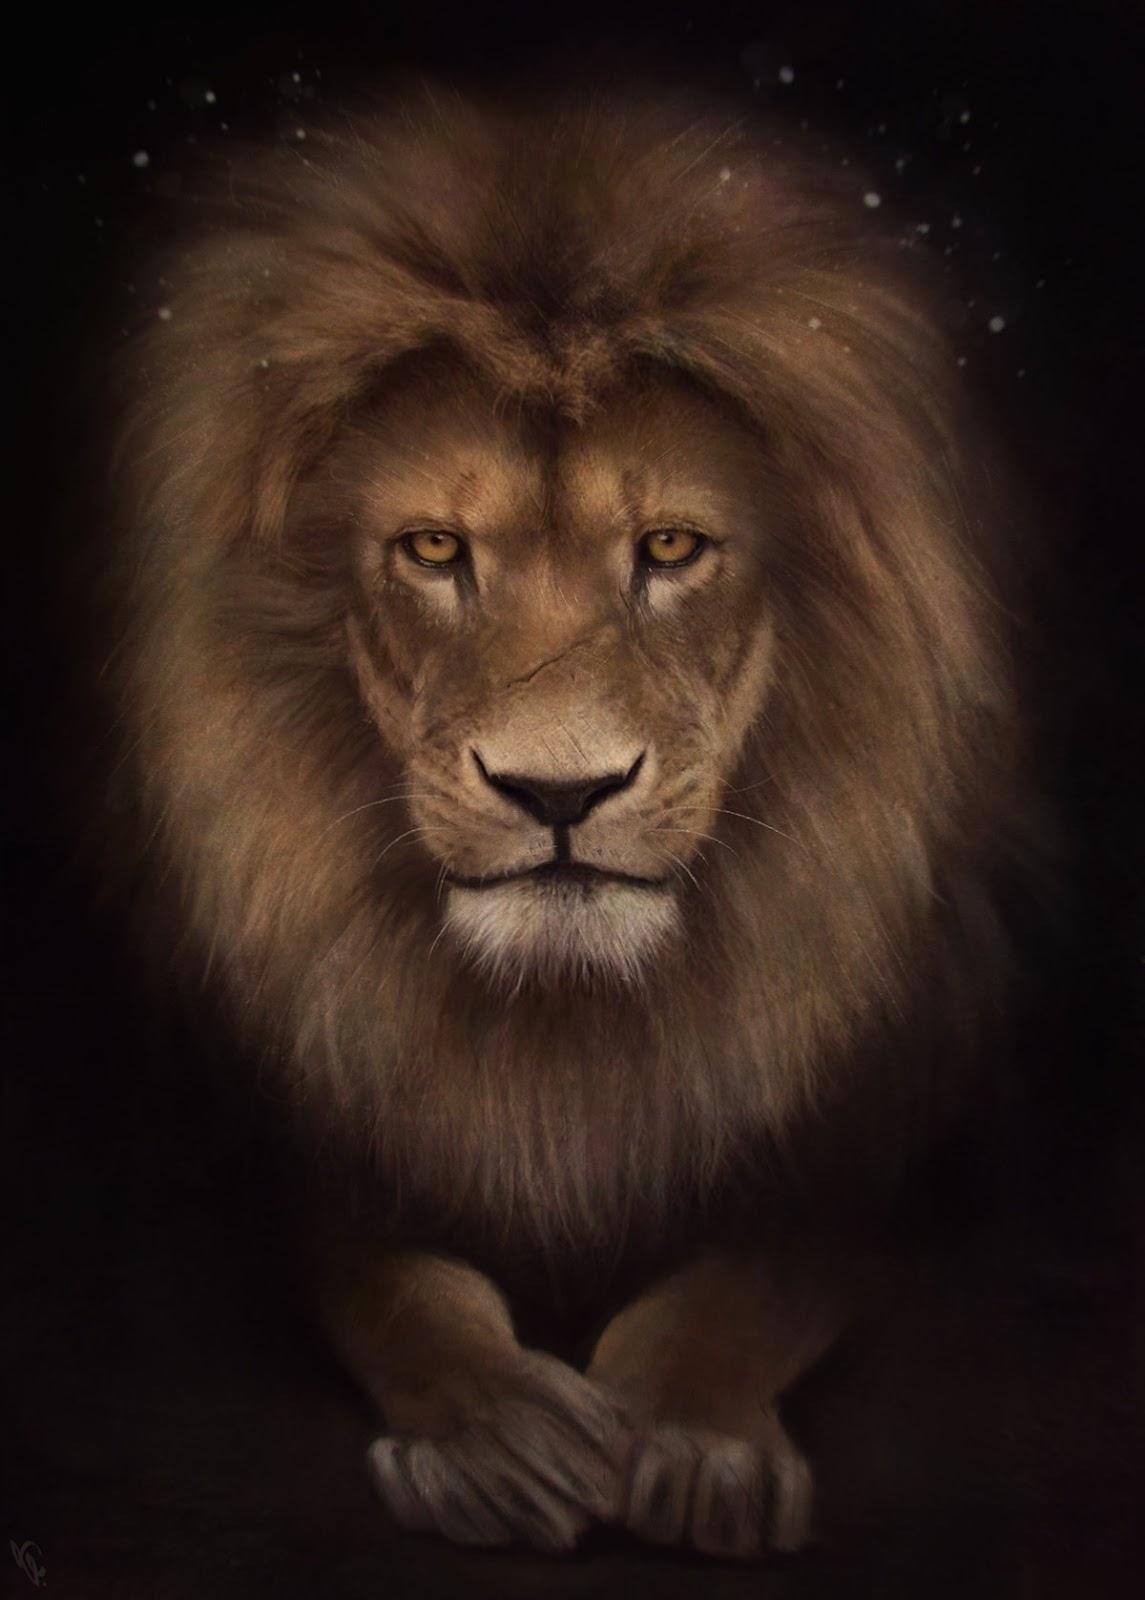 Картинки анимации львов, надписью вдох турецкие